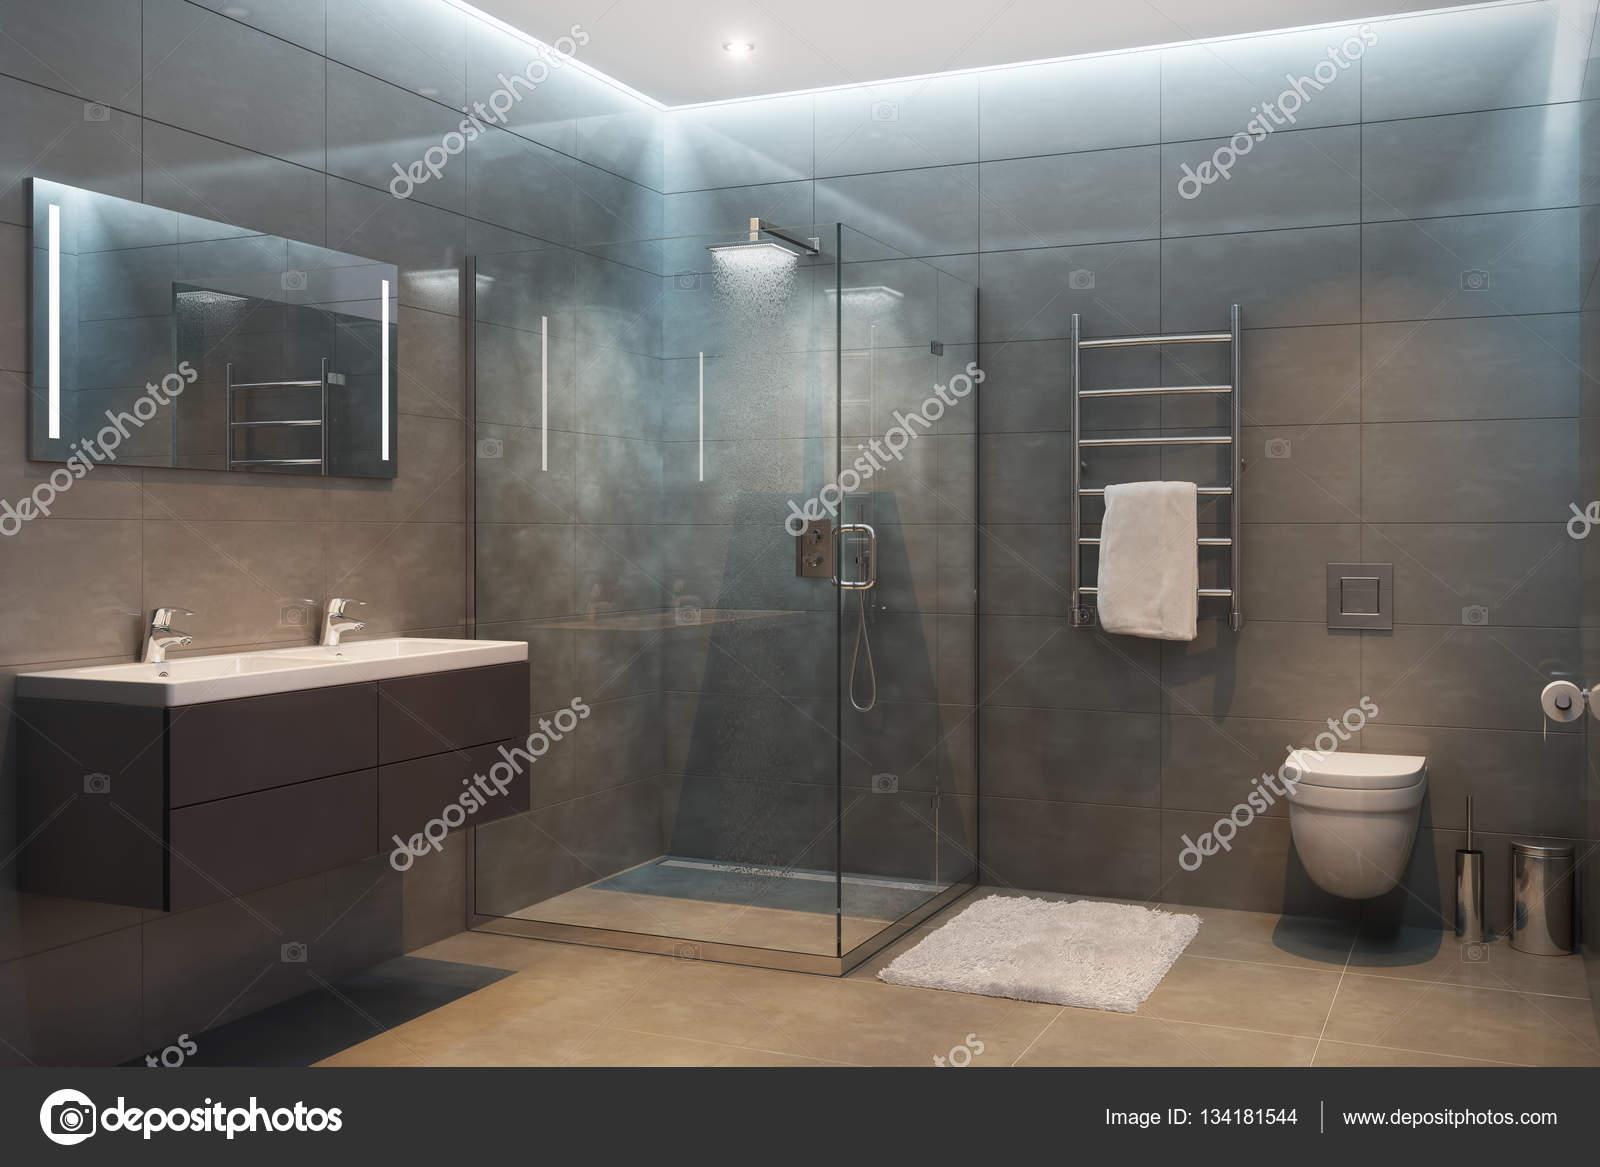 Exquisit Moderne Dusche Das Beste Von 3d Abbildung Des Grauen Mit Geräten Und